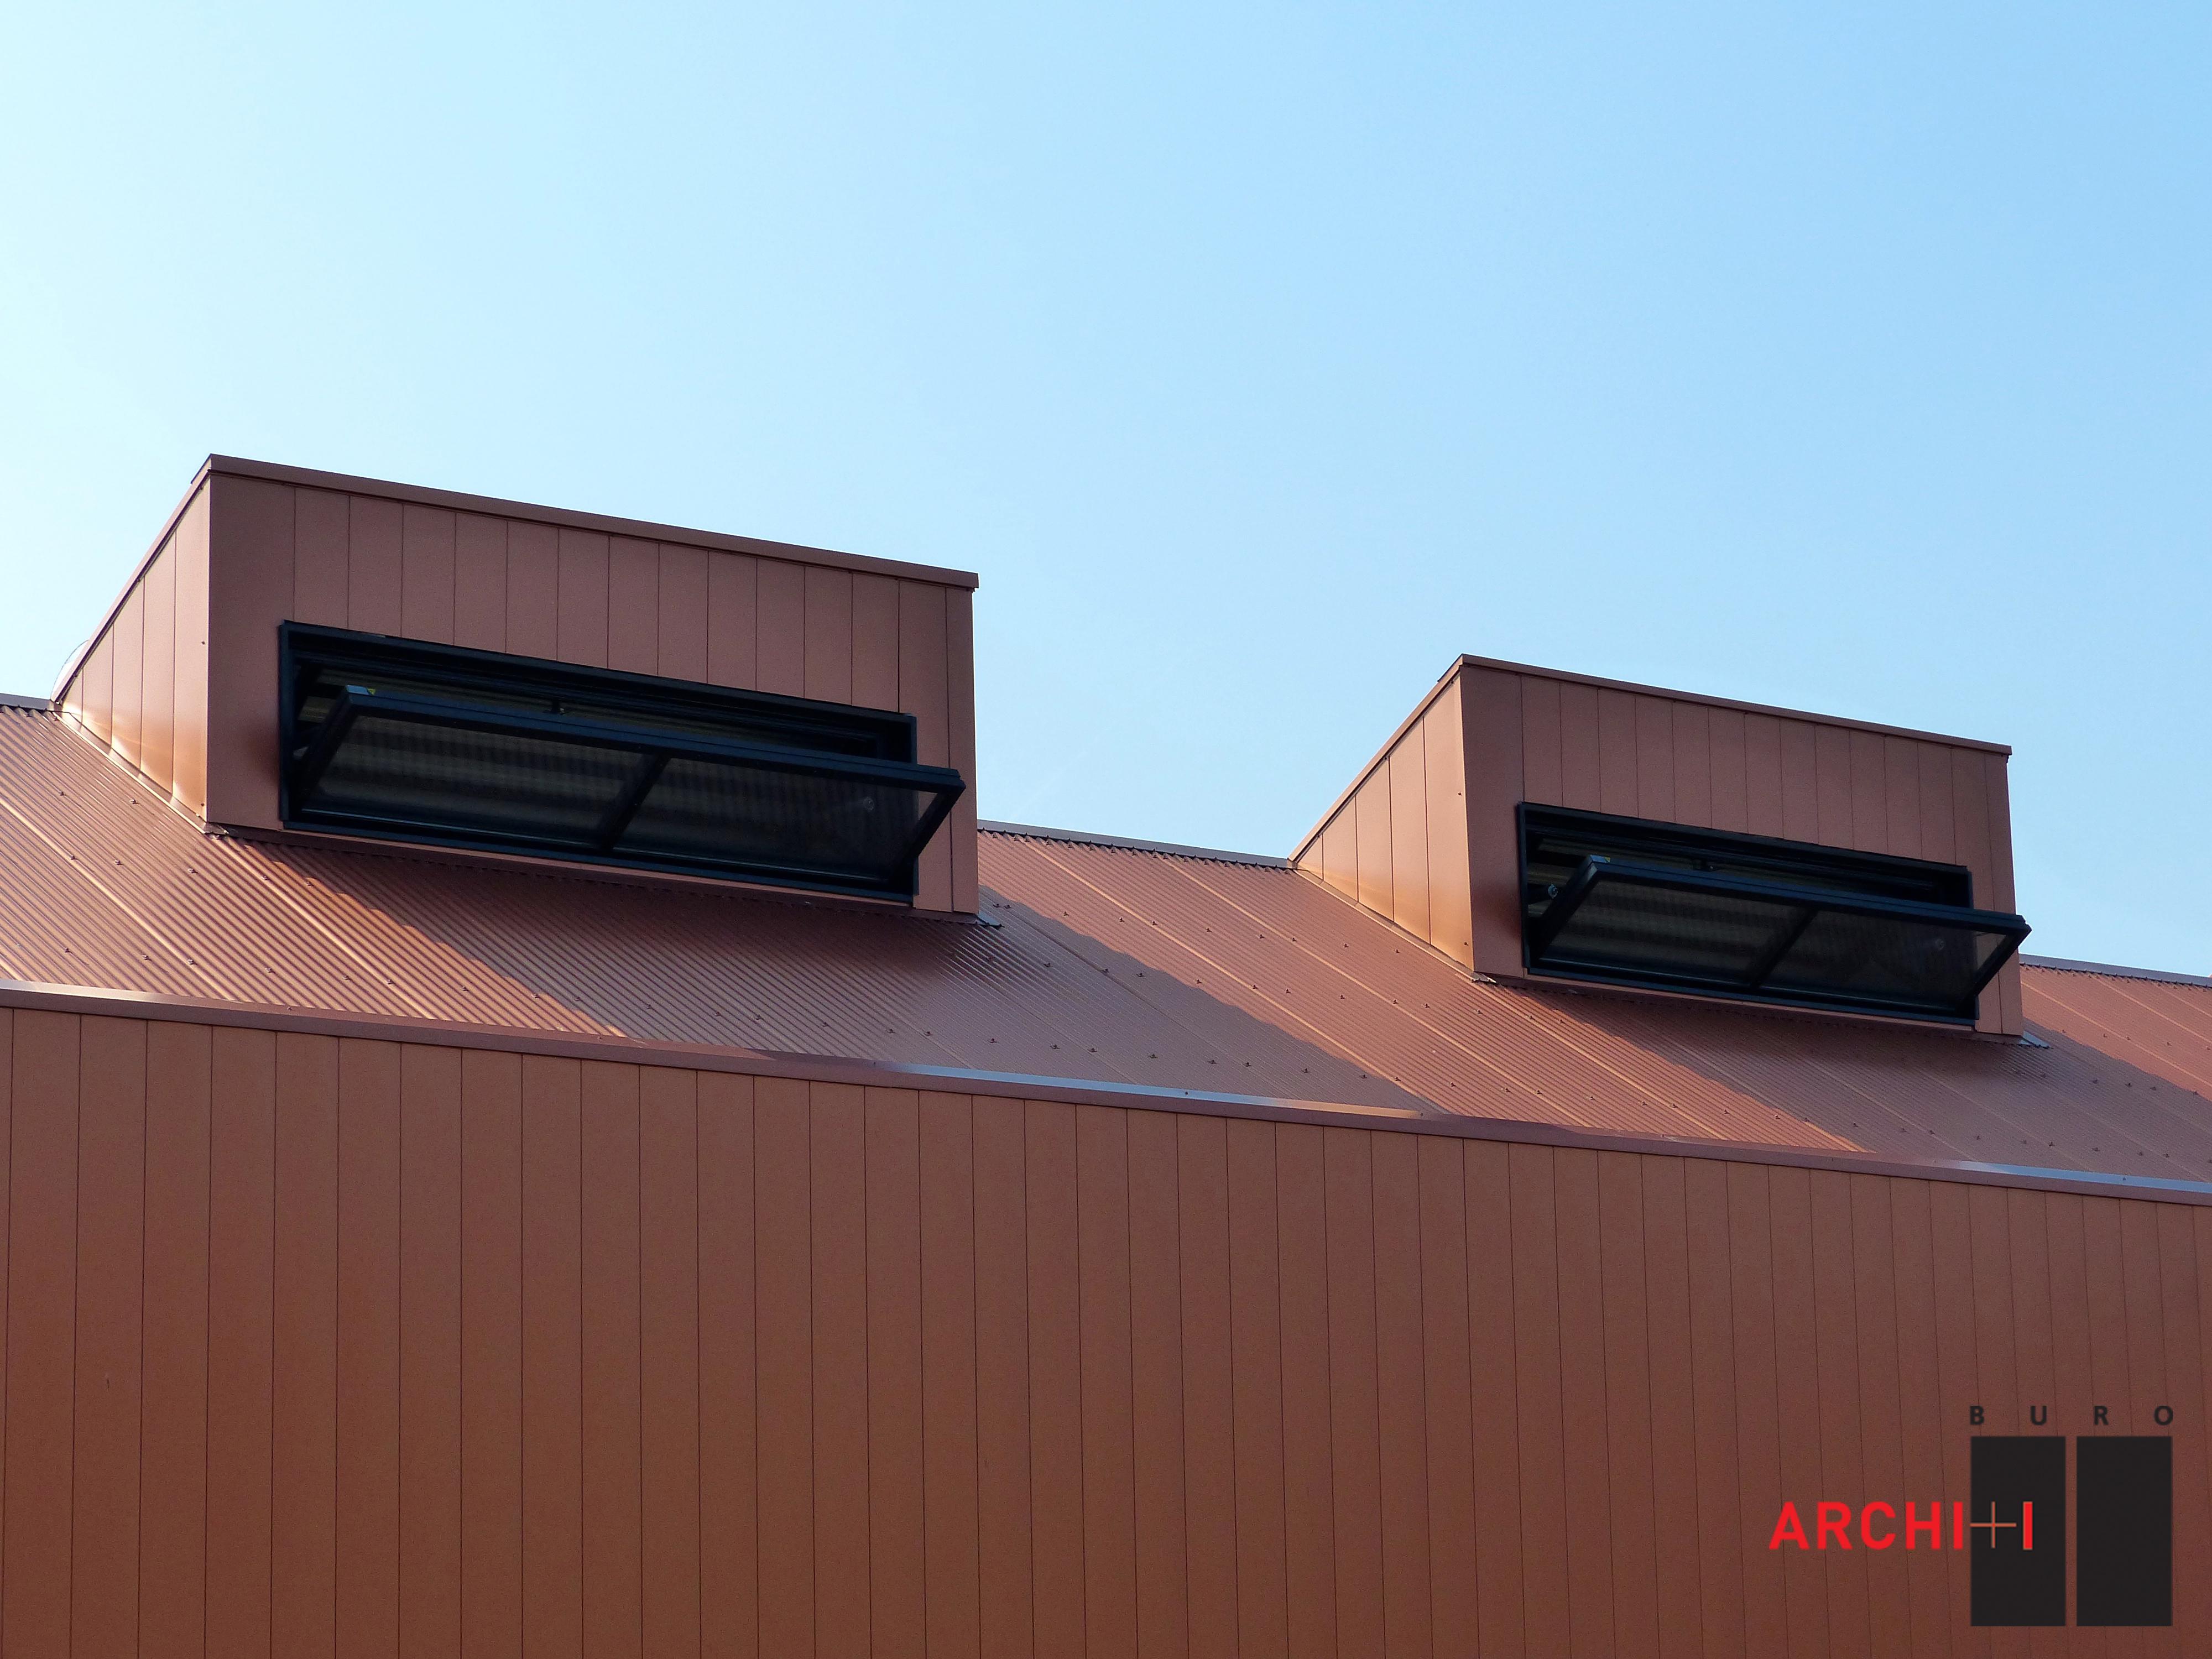 BURO II & ARCHI+I Kunst- en hoefsmederij Anderlecht